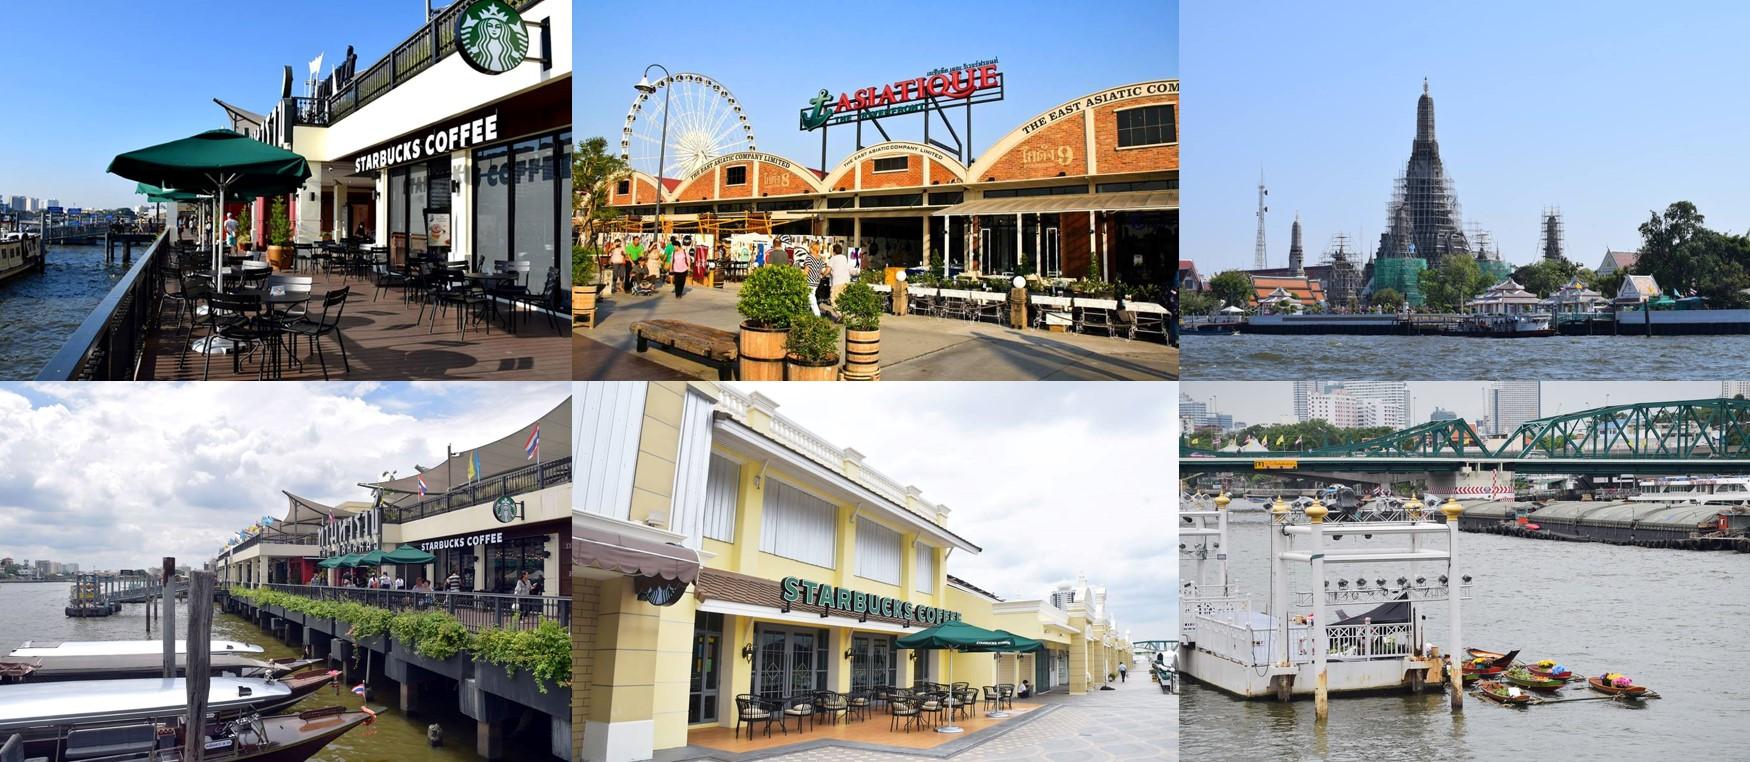 曼谷河畔休闲之处:曼谷也可以很浪漫